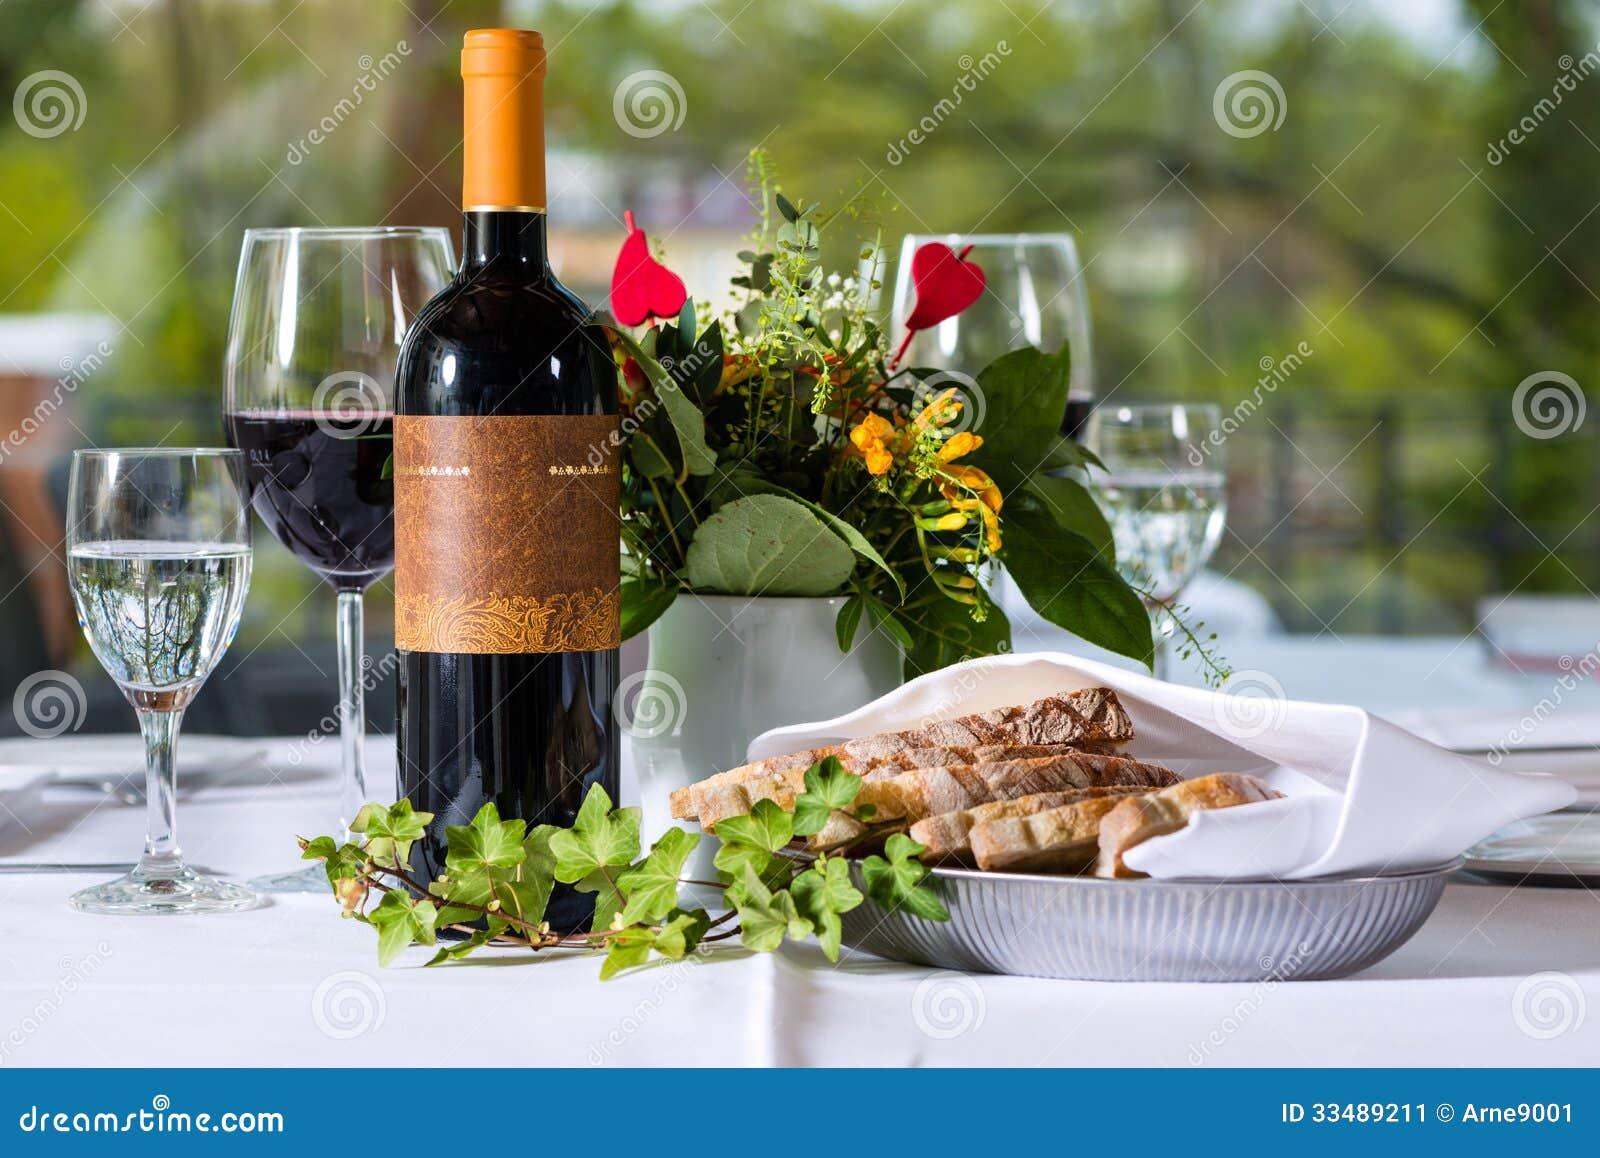 Vin rouge avec la bouteille et le verre sur une table image stock image 33489211 - La bouteille sur la table ...